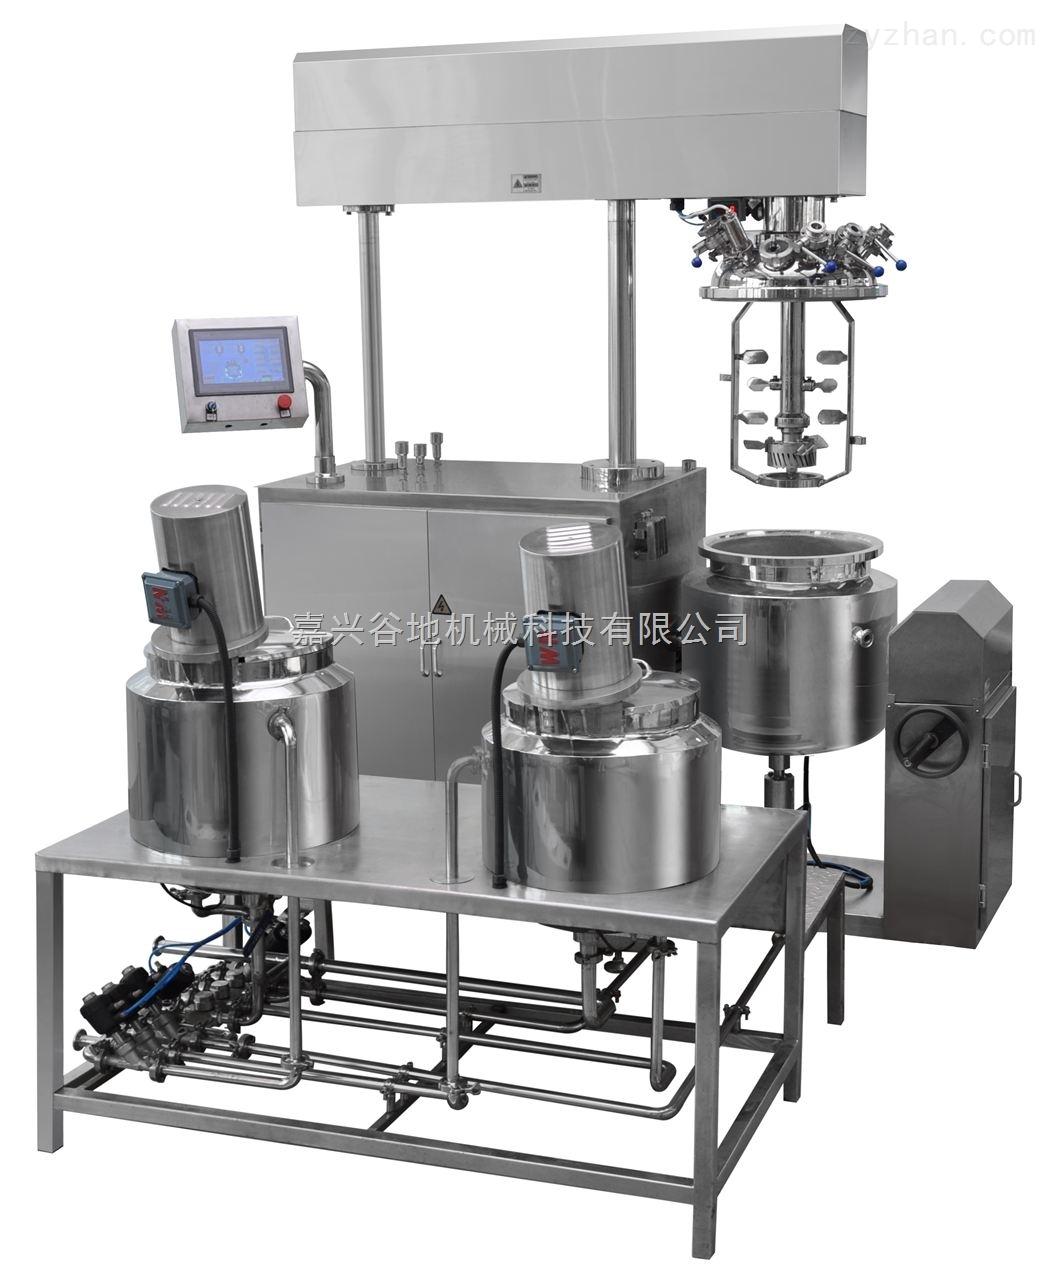 谷地栓剂乳化机设备